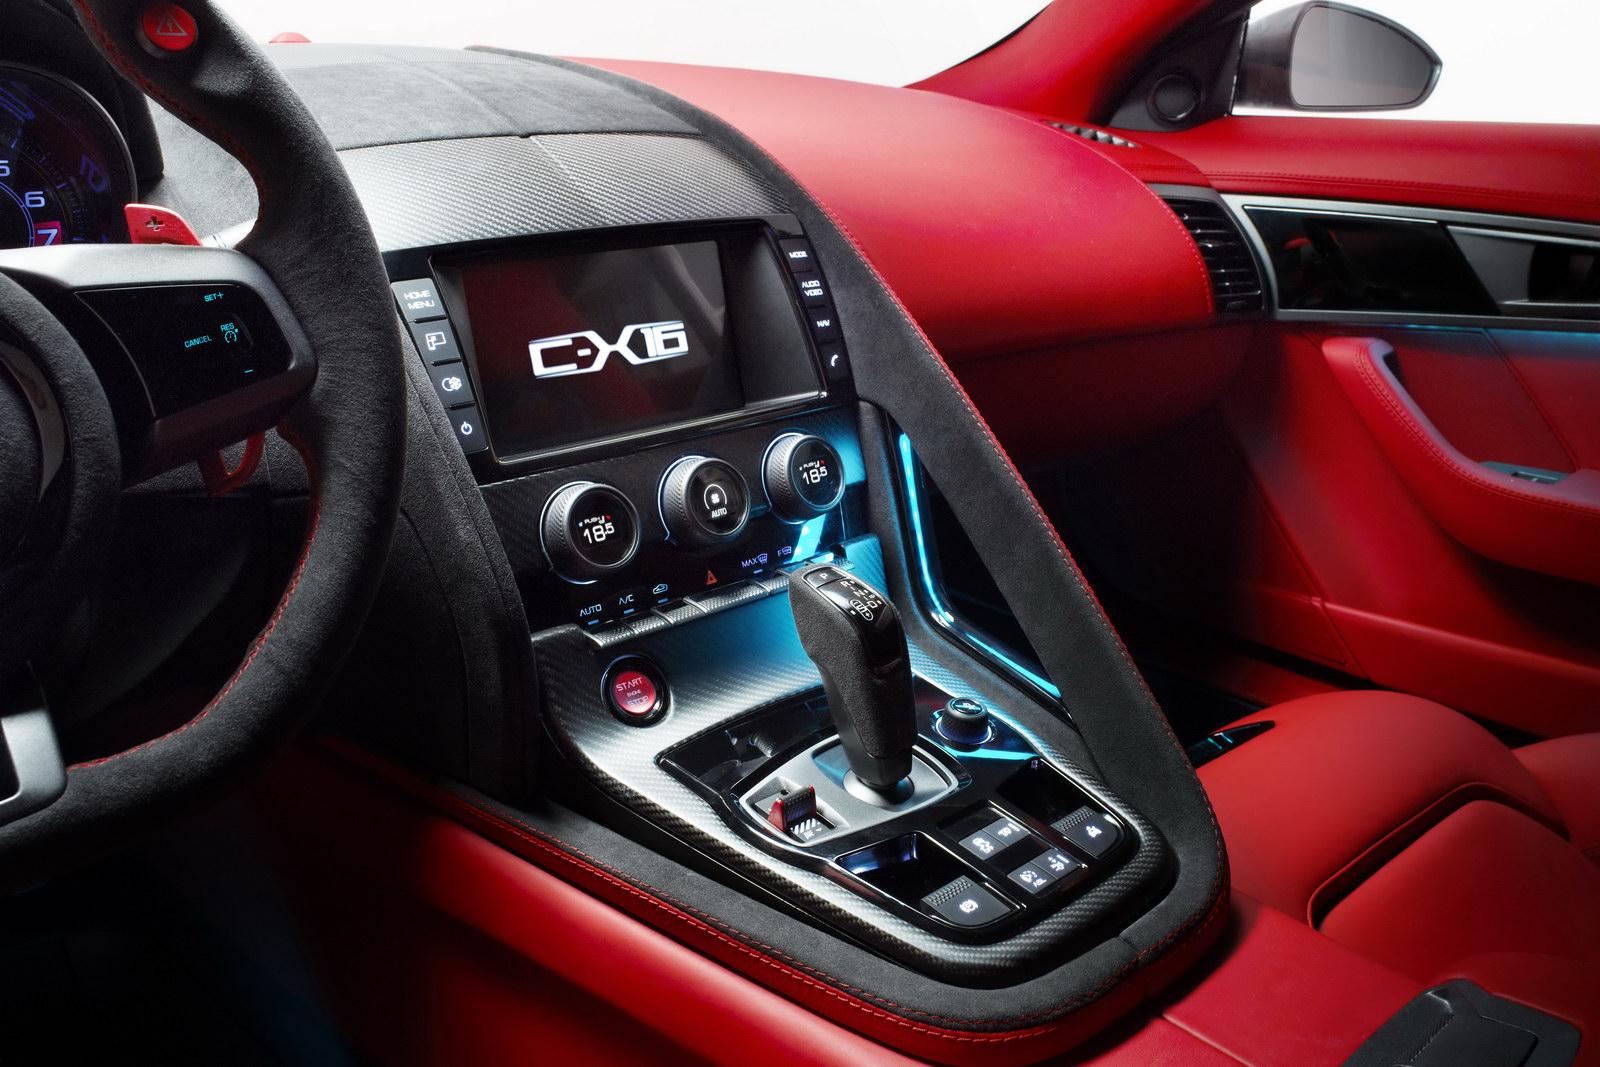 http://2.bp.blogspot.com/-Gnwyy2yPVB4/TmzQ0y3JTWI/AAAAAAAAEUA/OoDjkO11J_M/s1600/Jaguar-C-X16+%25285%2529.jpg